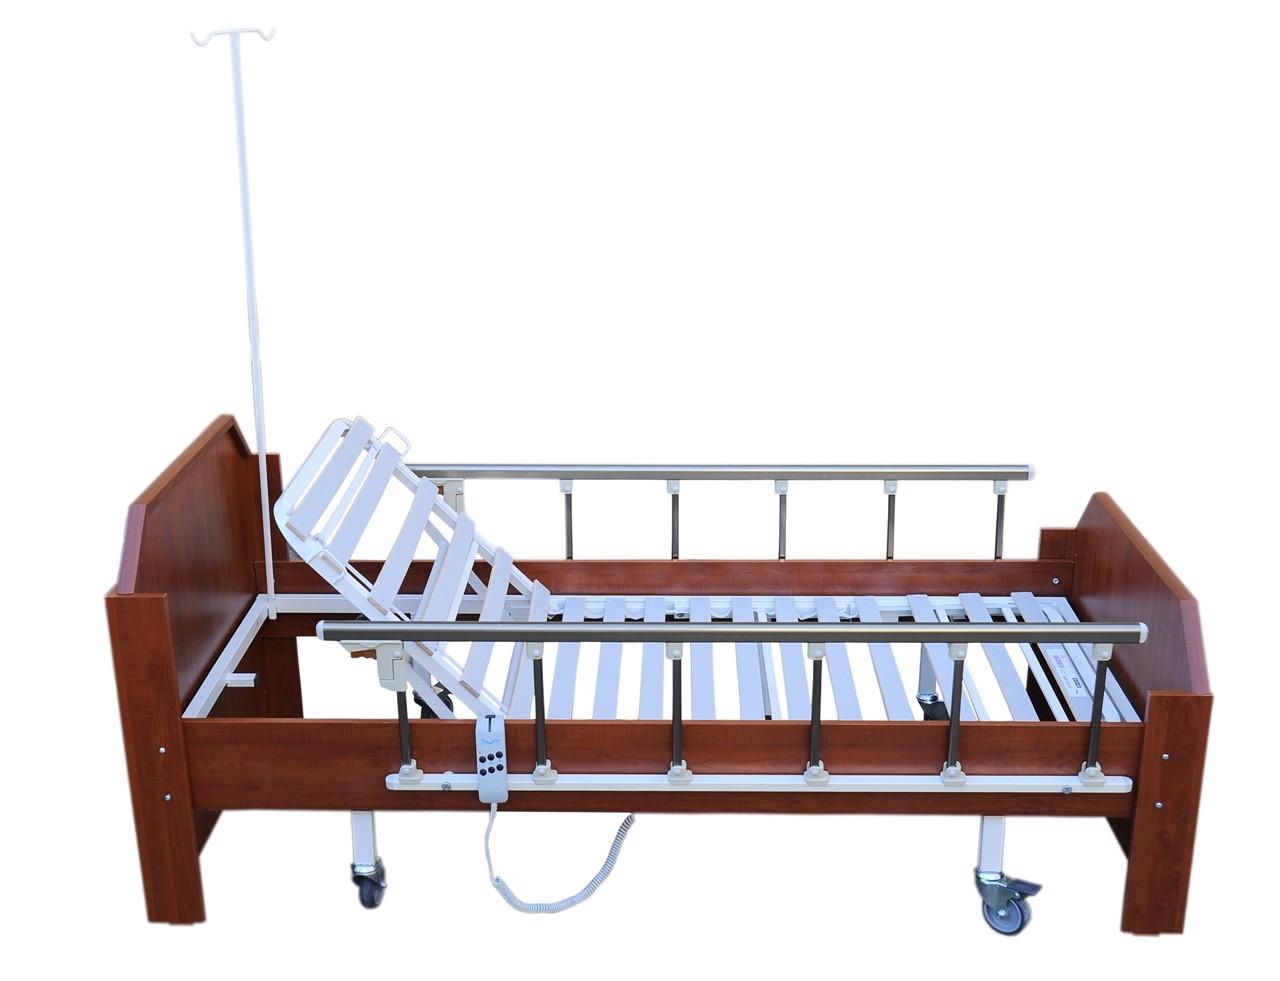 Hasta Kişiler İçin Konfor Ve Hasta Yatakları